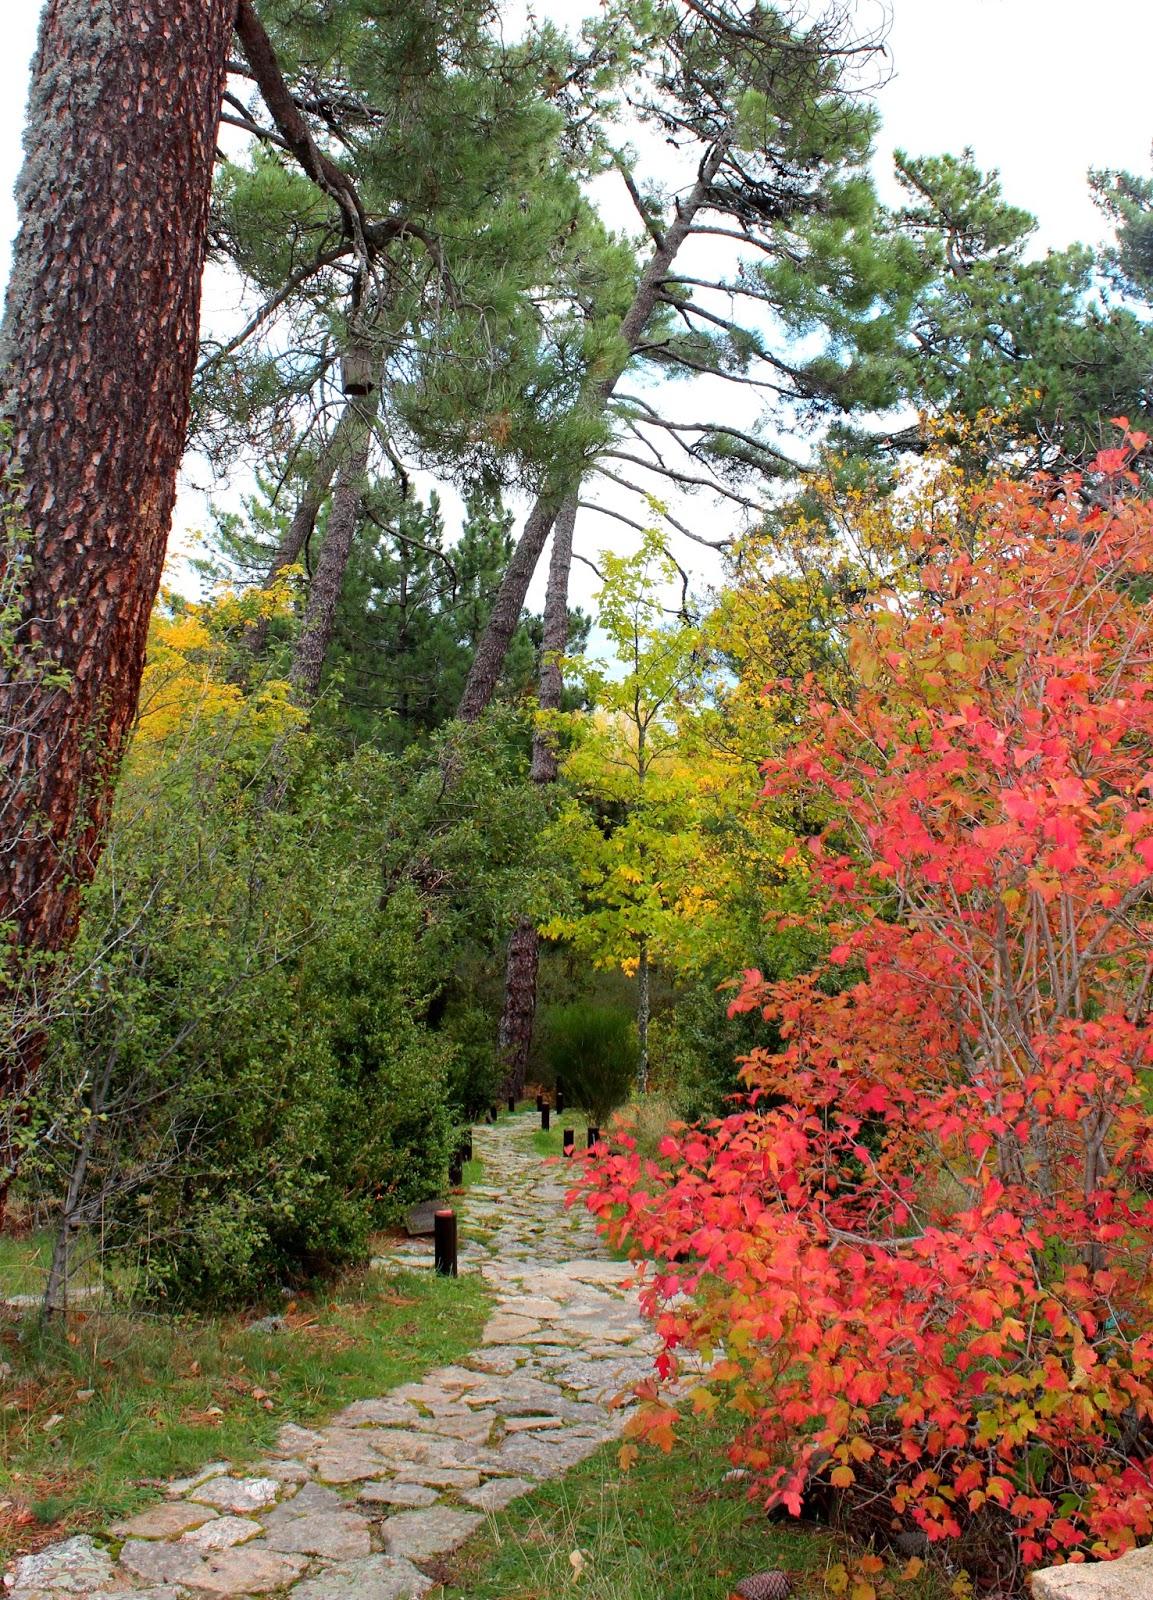 Arce en otoño. Otoño en el arboreto de Luis Ceballos